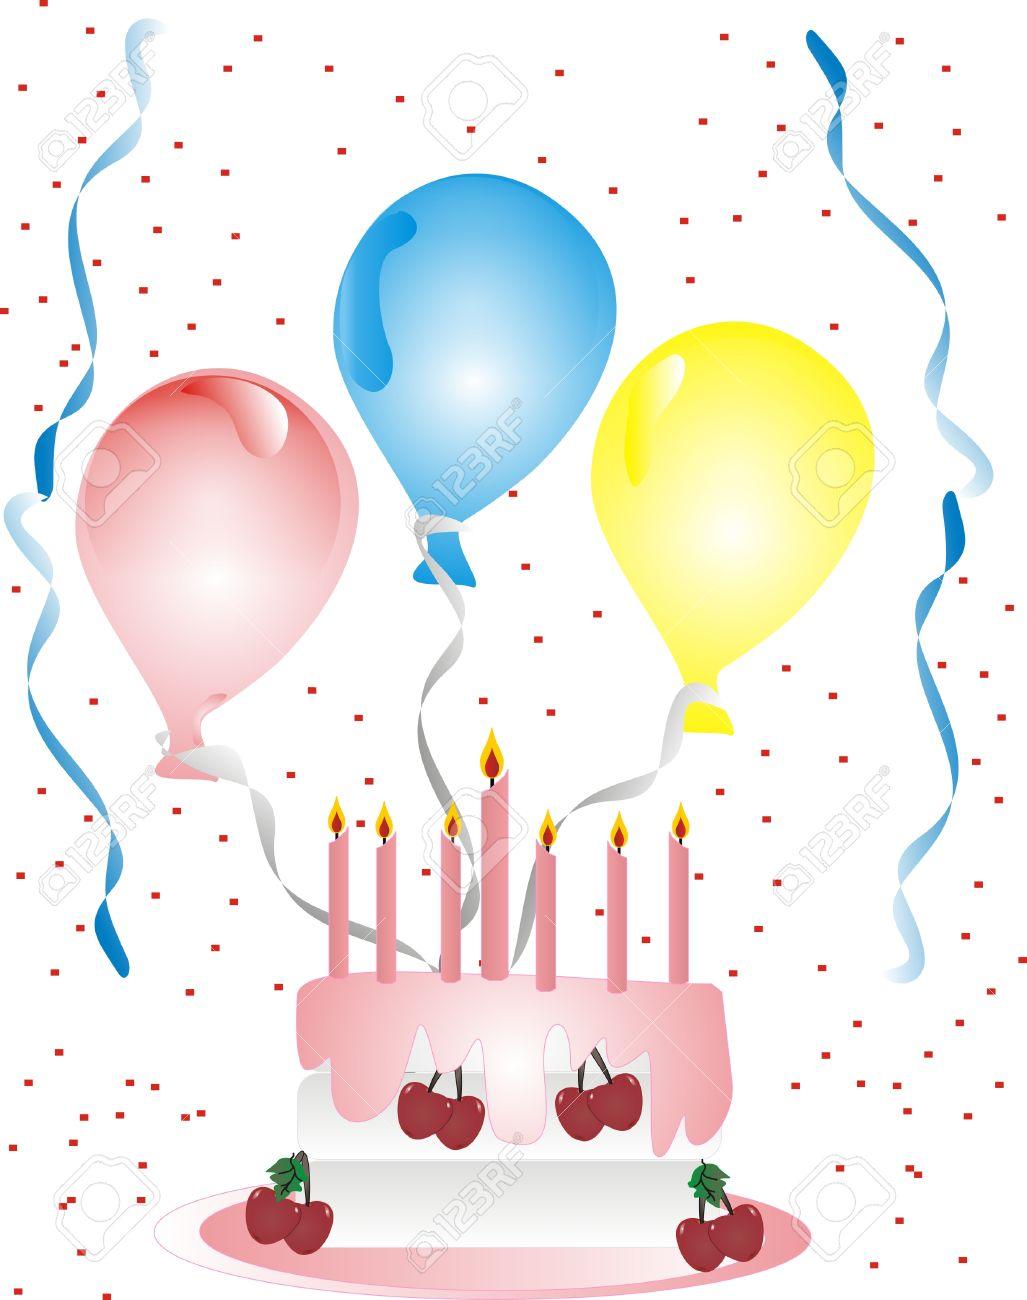 Luftballons und luftschlangen clipart png black and white Geburtstag Mit Luftballons, Luftschlangen, Kuchen Und Konfetti ... png black and white